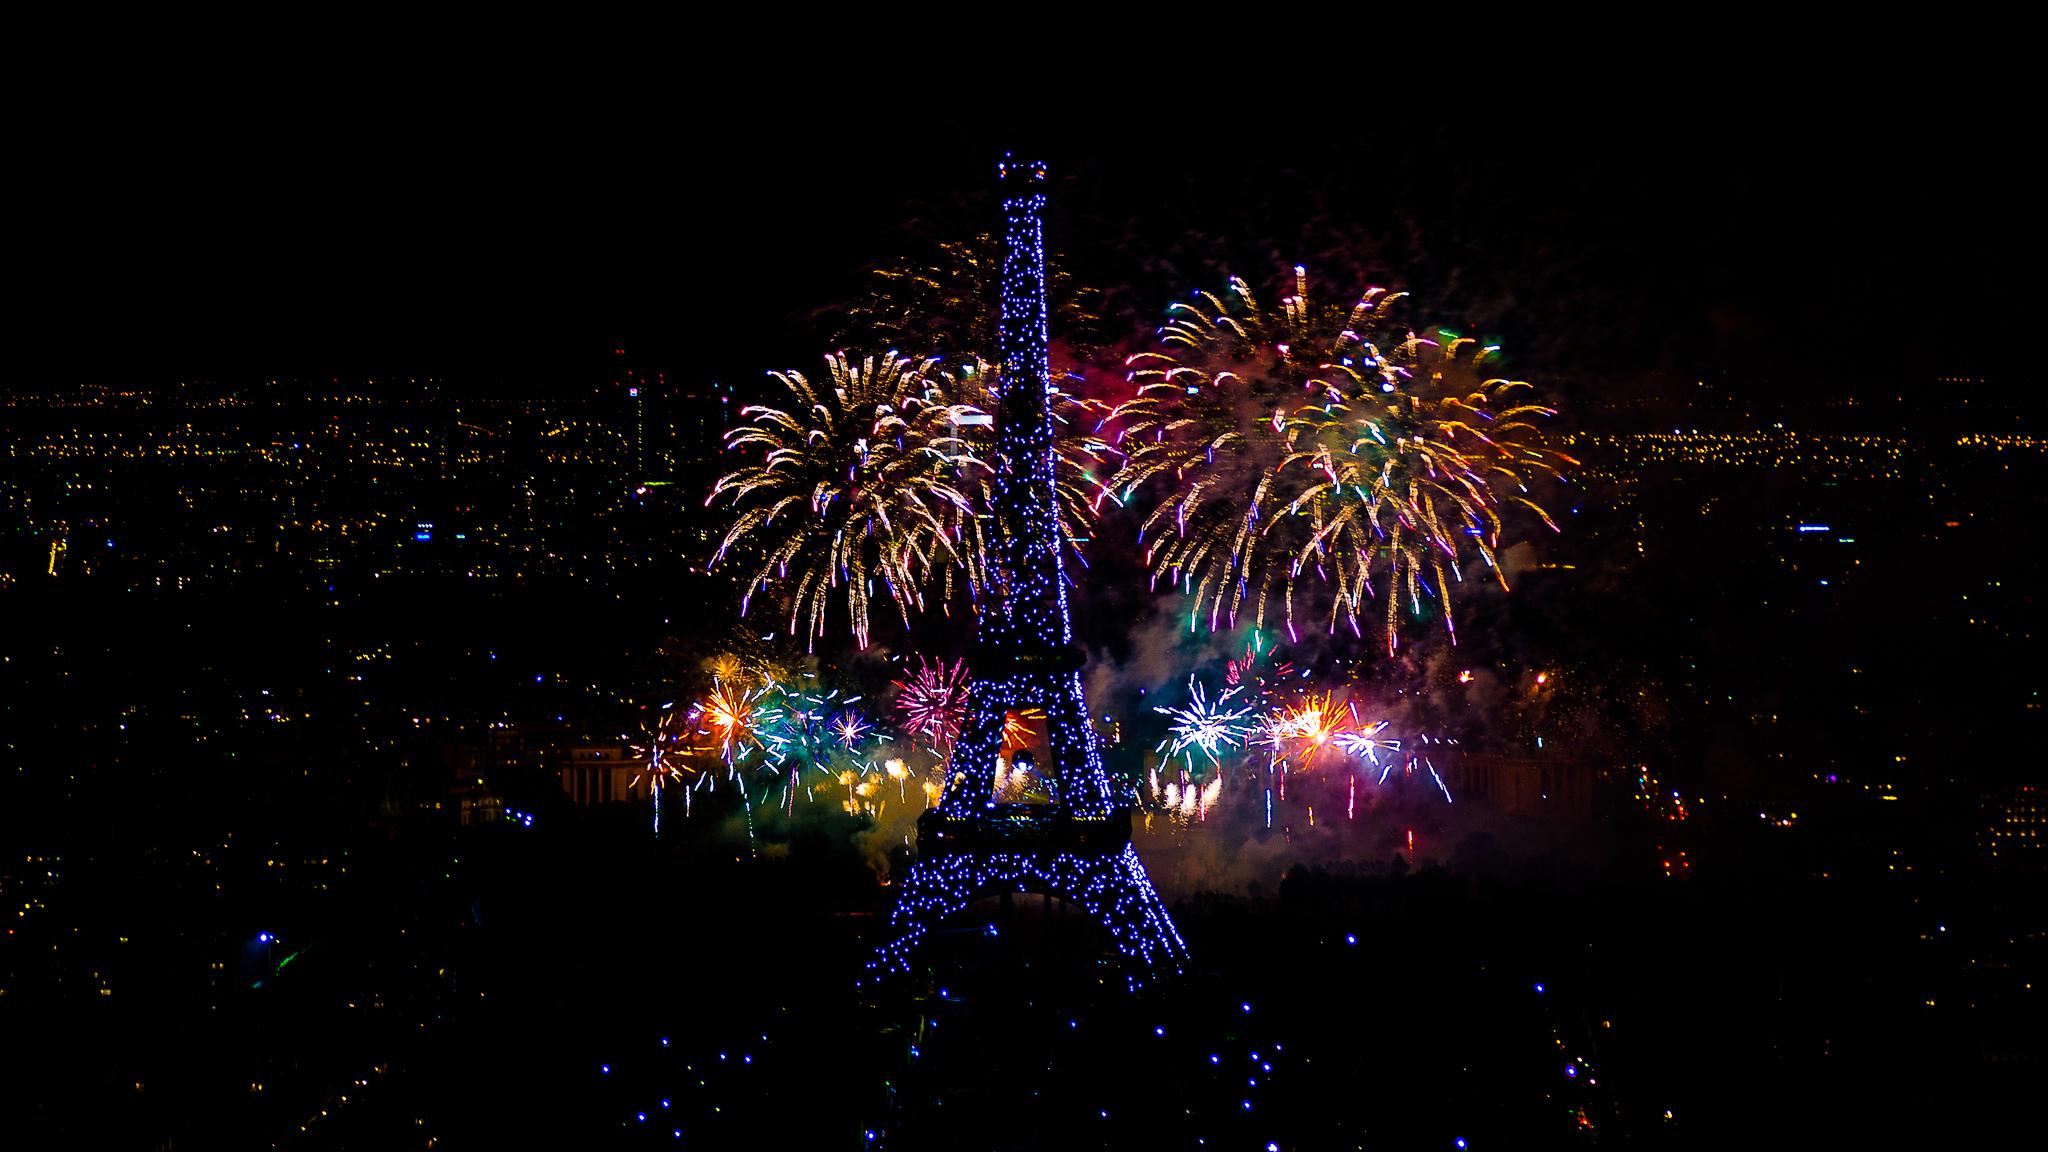 Yann Caradec - Fireworks on Eiffel Tower